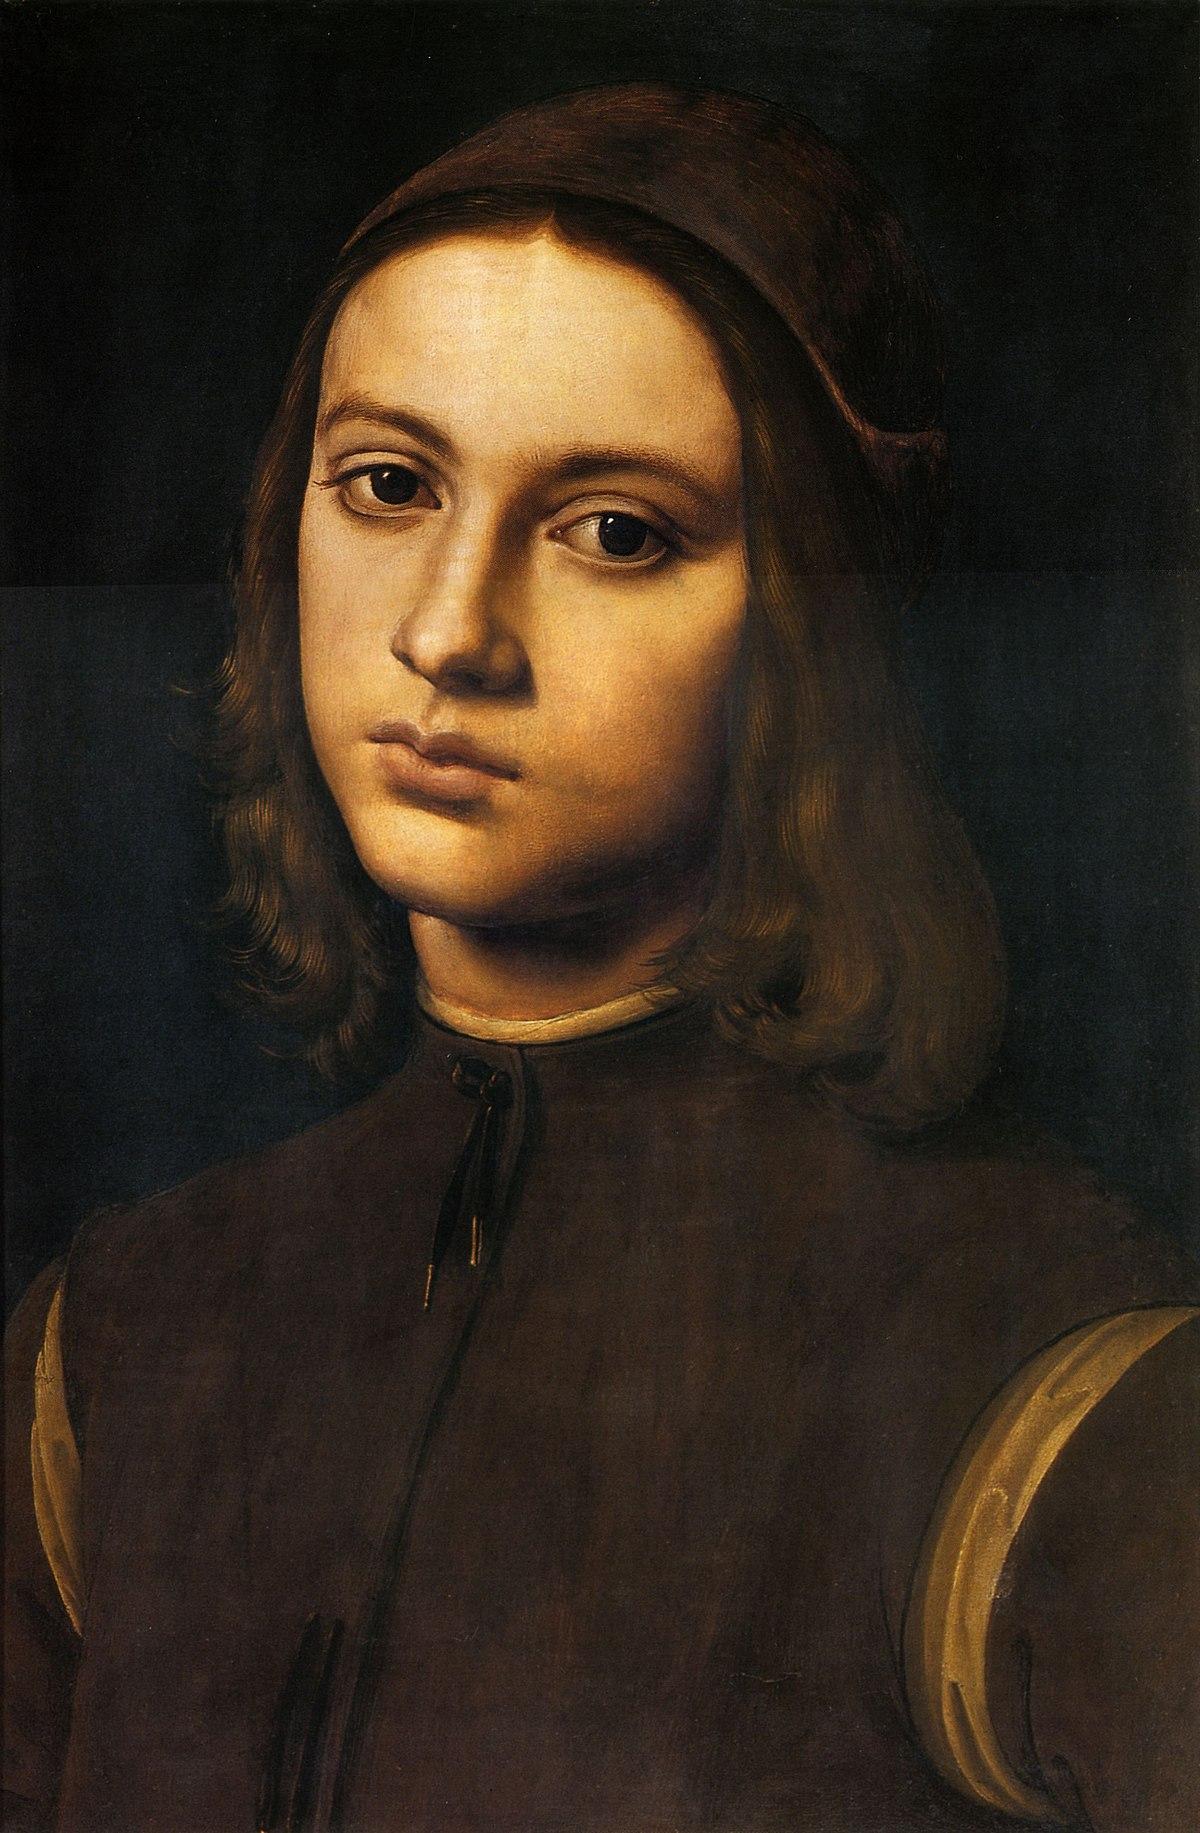 Ritratto di giovane (Perugino) - Wikipedia